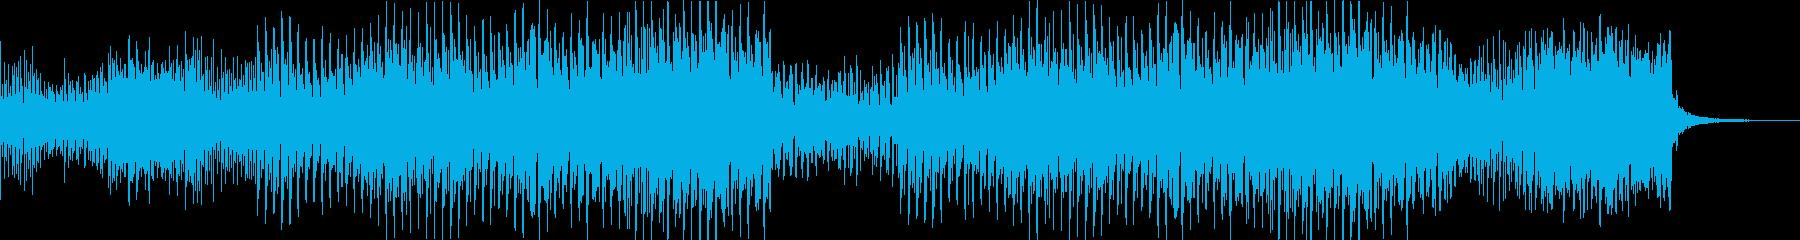 かわいい感じのゆるやかテクノの再生済みの波形